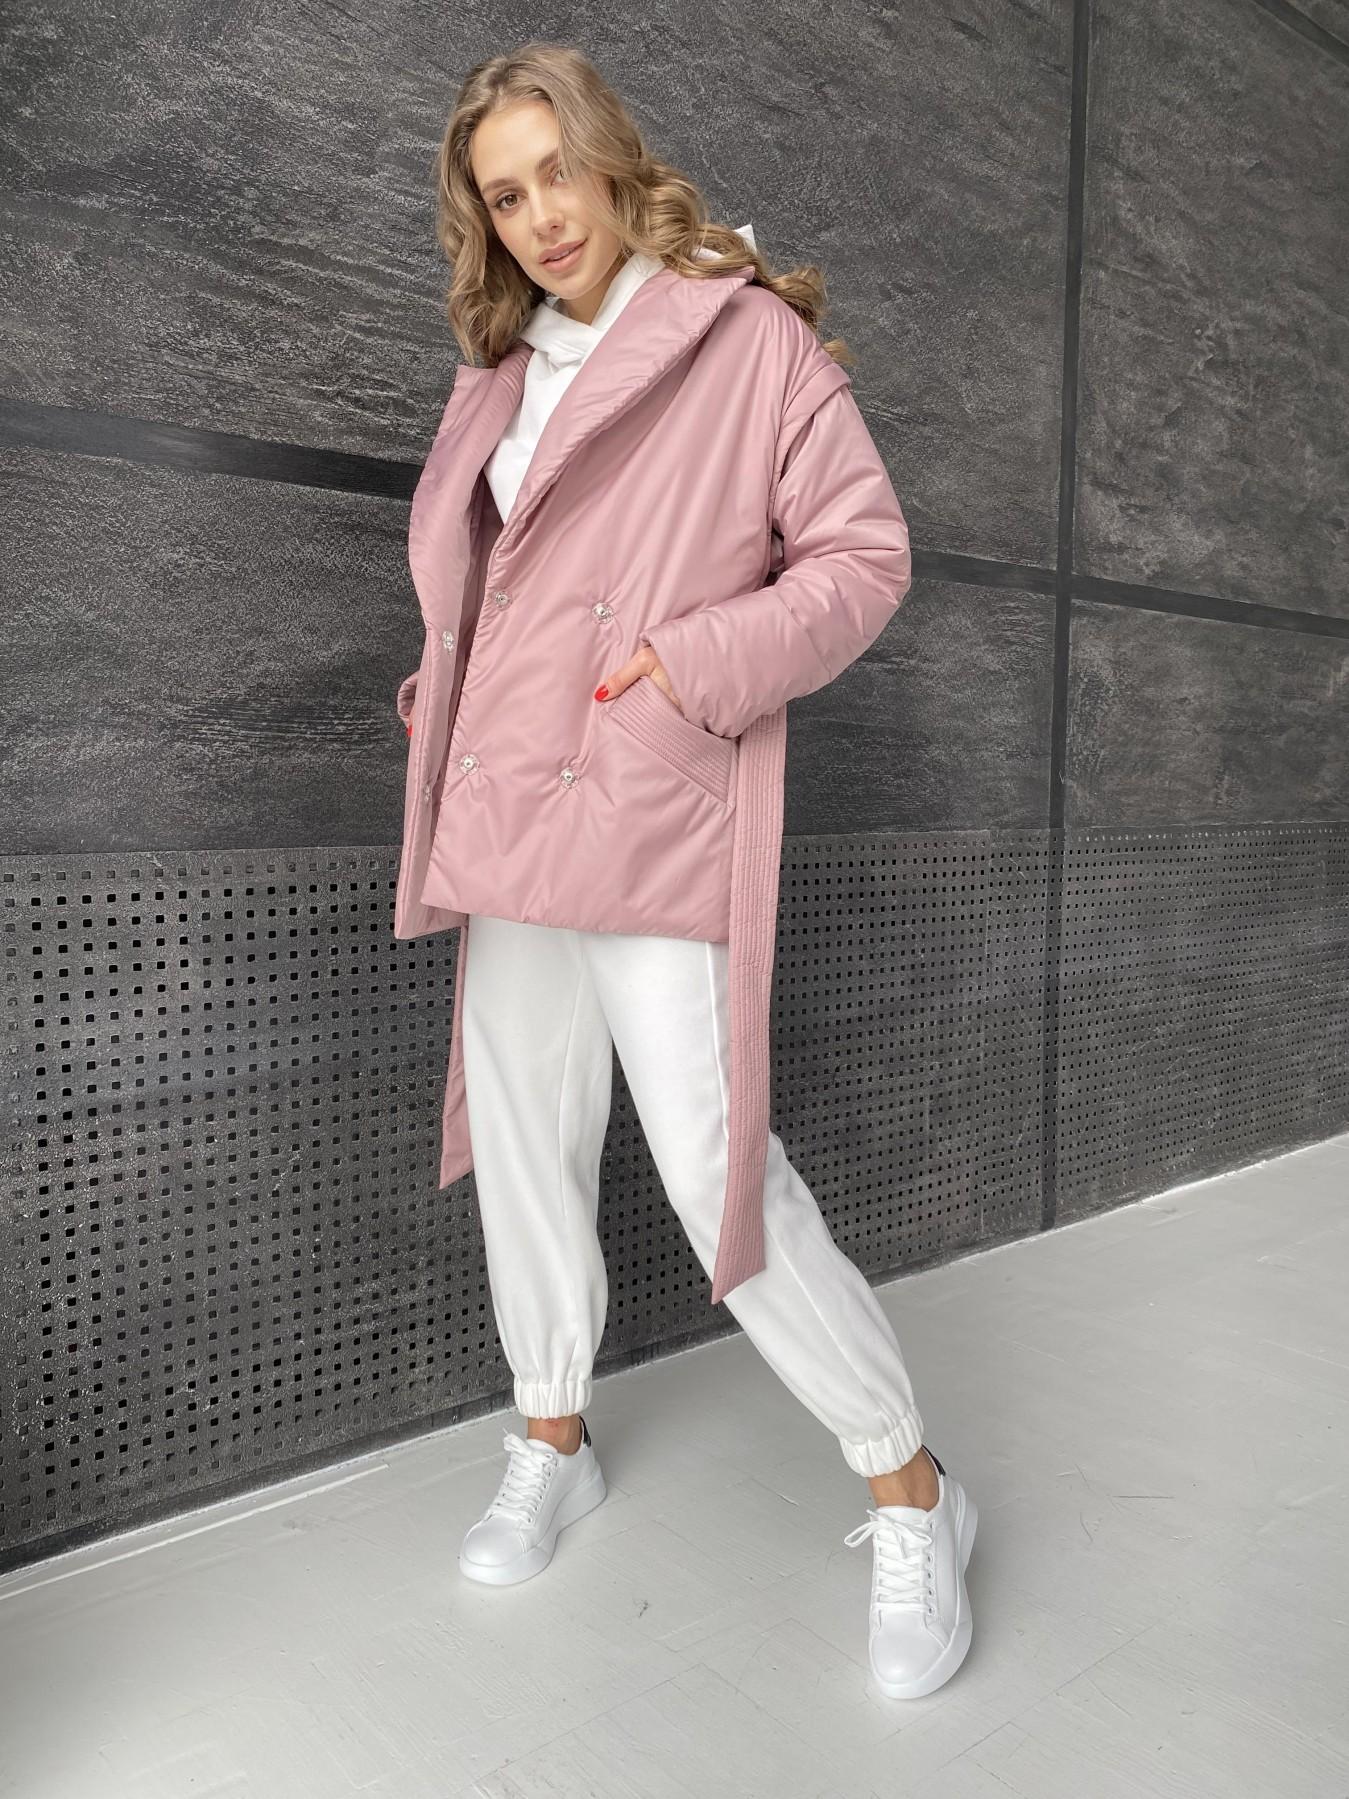 Форбс куртка из плащевой ткани 10986 АРТ. 47477 Цвет: Пудра - фото 10, интернет магазин tm-modus.ru